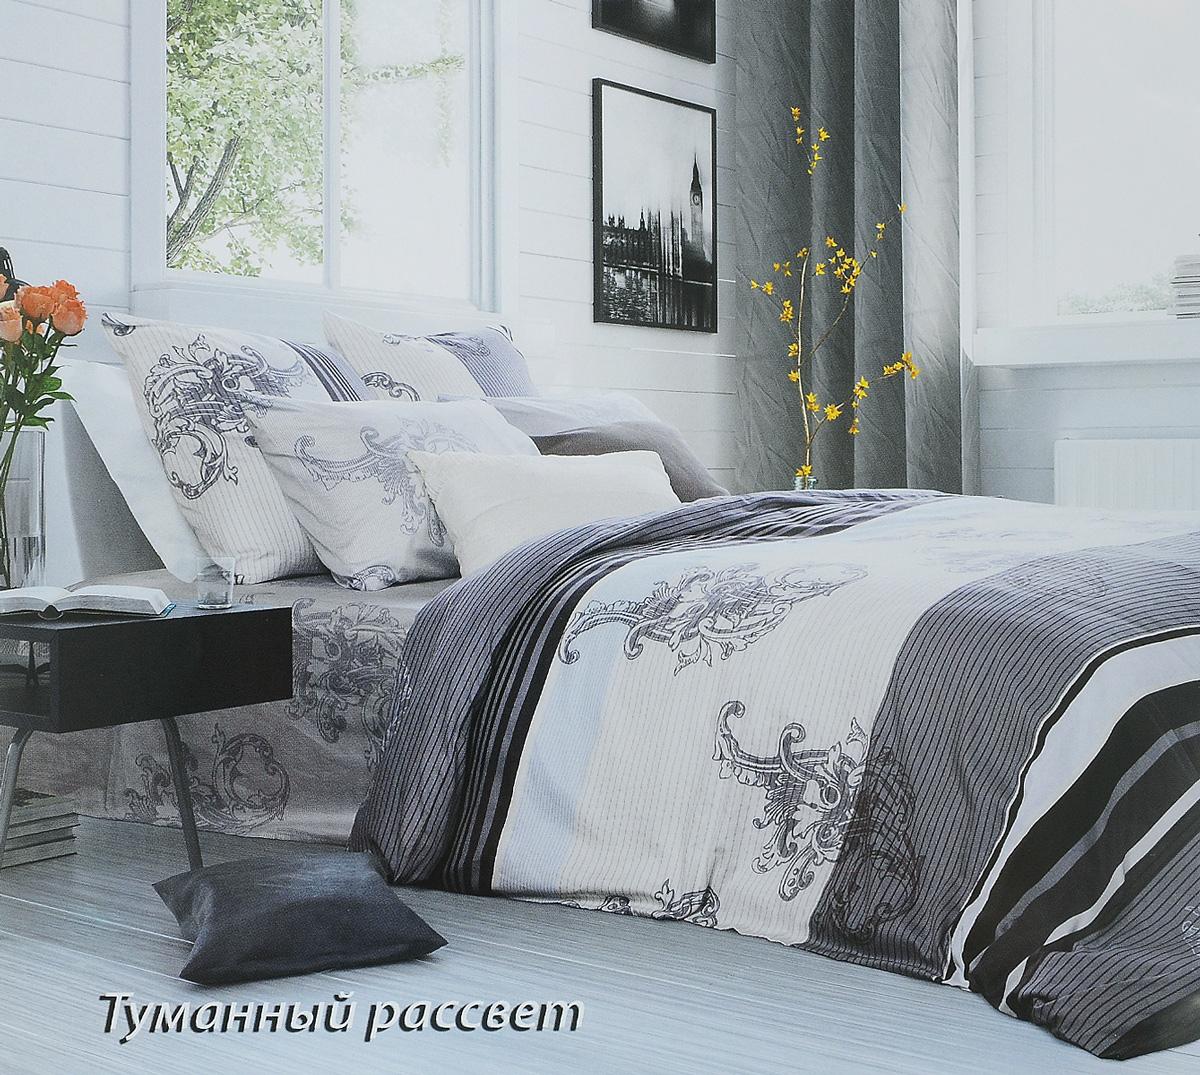 Комплект белья Tiffanys Secret Туманный рассвет, 1,5-спальный, наволочки 50х70, цвет: серый, белый391602Комплект постельного белья Tiffanys Secret Туманный рассвет является экологически безопасным для всей семьи, так как выполнен из сатина (100% хлопок). Комплект состоит из пододеяльника, простыни и двух наволочек. Предметы комплекта оформлены оригинальным рисунком.Благодаря такому комплекту постельного белья вы сможете создать атмосферу уюта и комфорта в вашей спальне.Сатин - это ткань, навсегда покорившая сердца человечества. Ценившие роскошь персы называли ее атлас, а искушенные в прекрасном французы - сатин. Секрет высококачественного сатина в безупречности всего технологического процесса. Эту благородную ткань делают только из отборной натуральной пряжи, которую получают из самого лучшего тонковолокнистого хлопка. Благодаря использованию самой тонкой хлопковой нити получается необычайно мягкое и нежное полотно. Сатиновое постельное белье превращает жаркие летние ночи в прохладные и освежающие, а холодные зимние - в теплые и согревающие. Сатин очень приятен на ощупь, постельное белье из него долговечно, выдерживает более 300 стирок, и лишь спустя долгое время материал начинает немного тускнеть. Оцените все достоинства постельного белья из сатина, выбирая самое лучшее для себя!